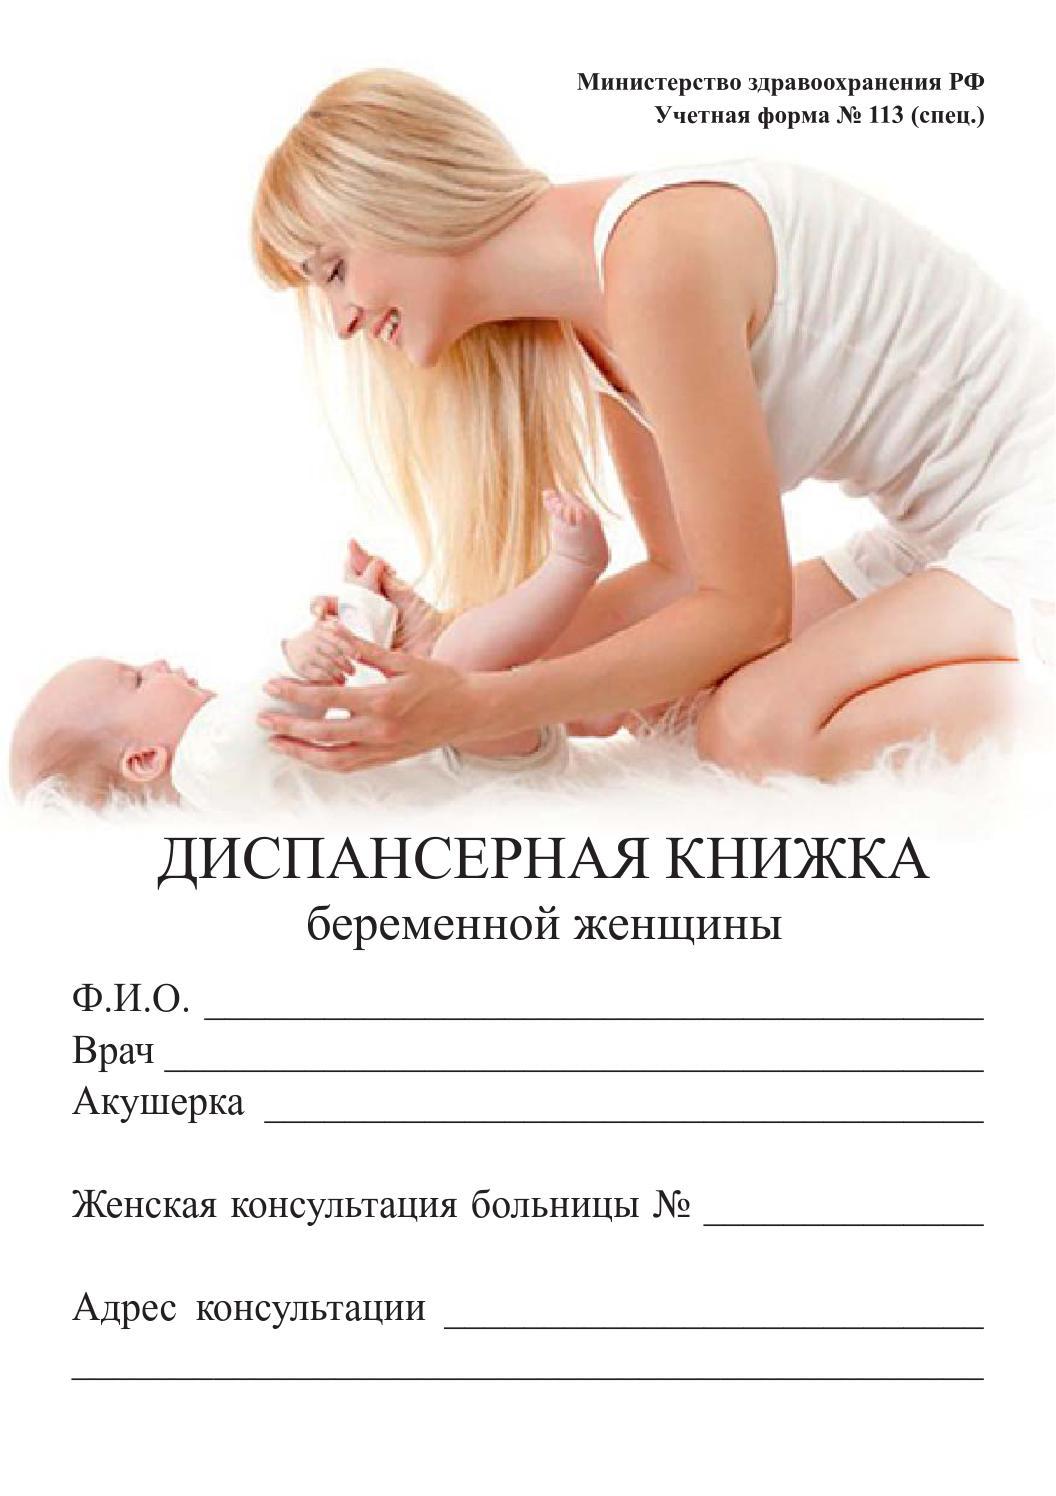 диспансерная книжка беременной женщины форма 113 спец согласно приказа 50 от 10.02.2003г